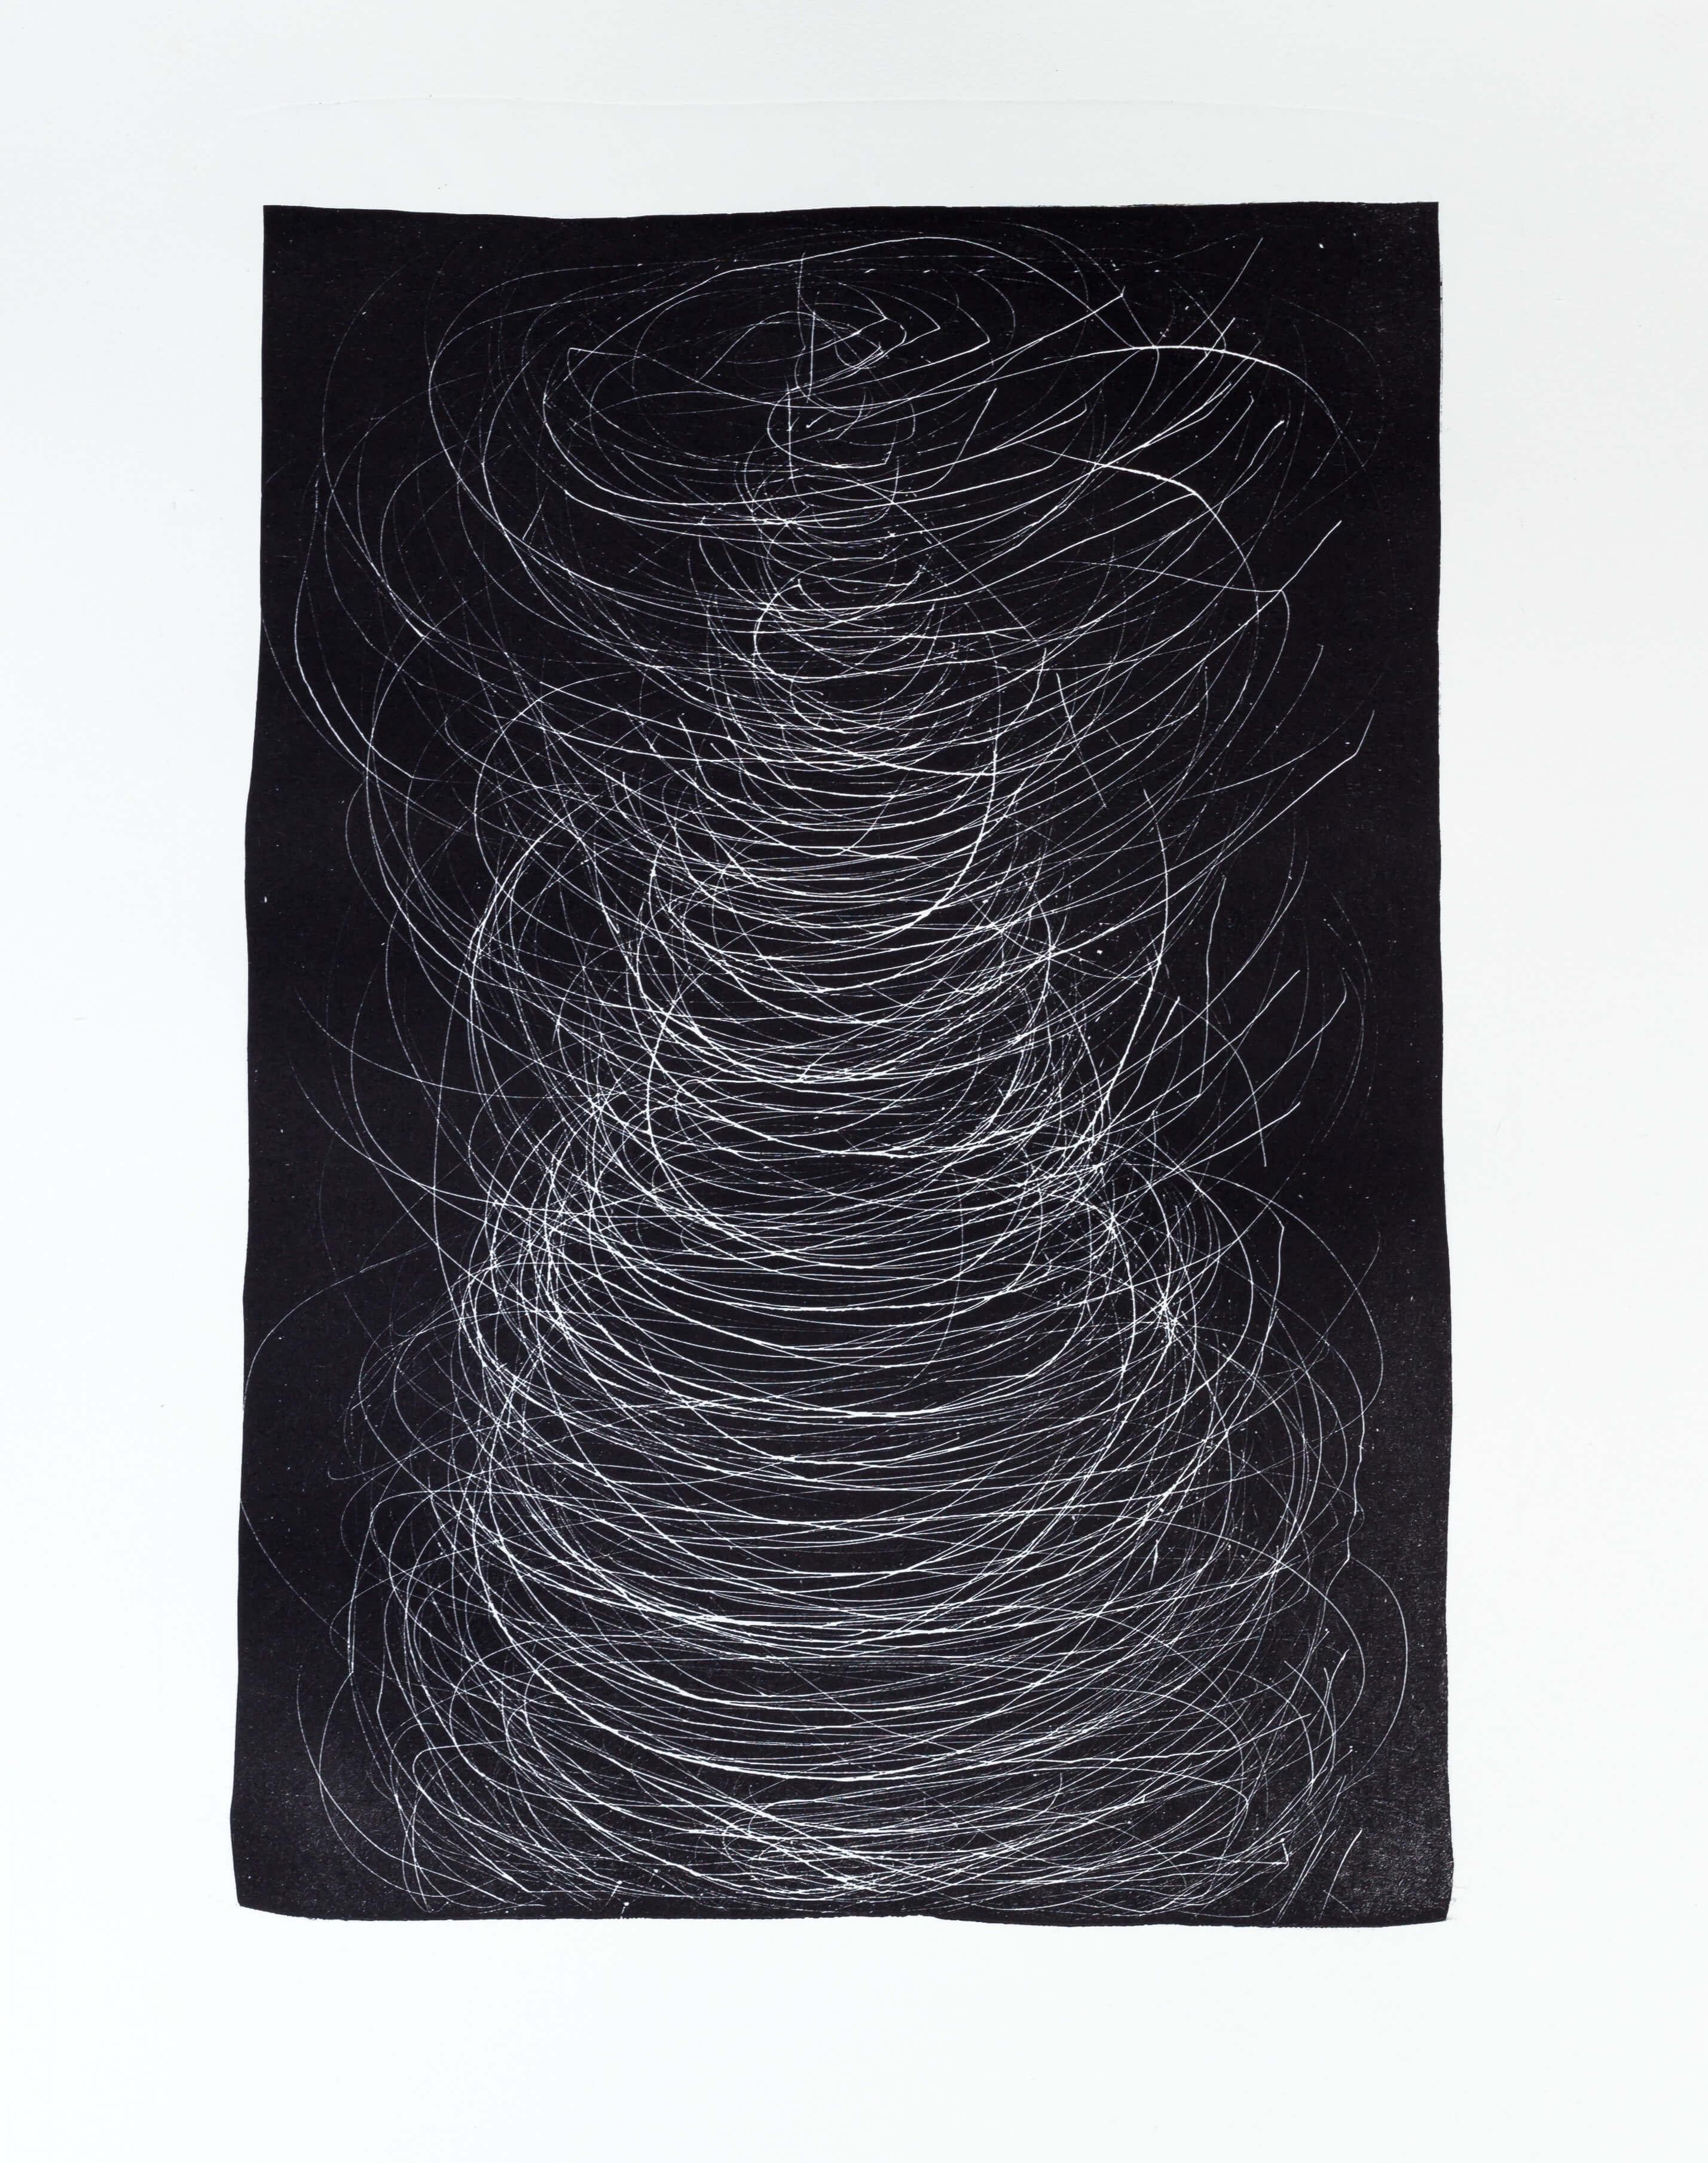 Katharina Albers, Transformation IV, 2011, Schablithographie, 4 Auflagen, 40x29,5cm